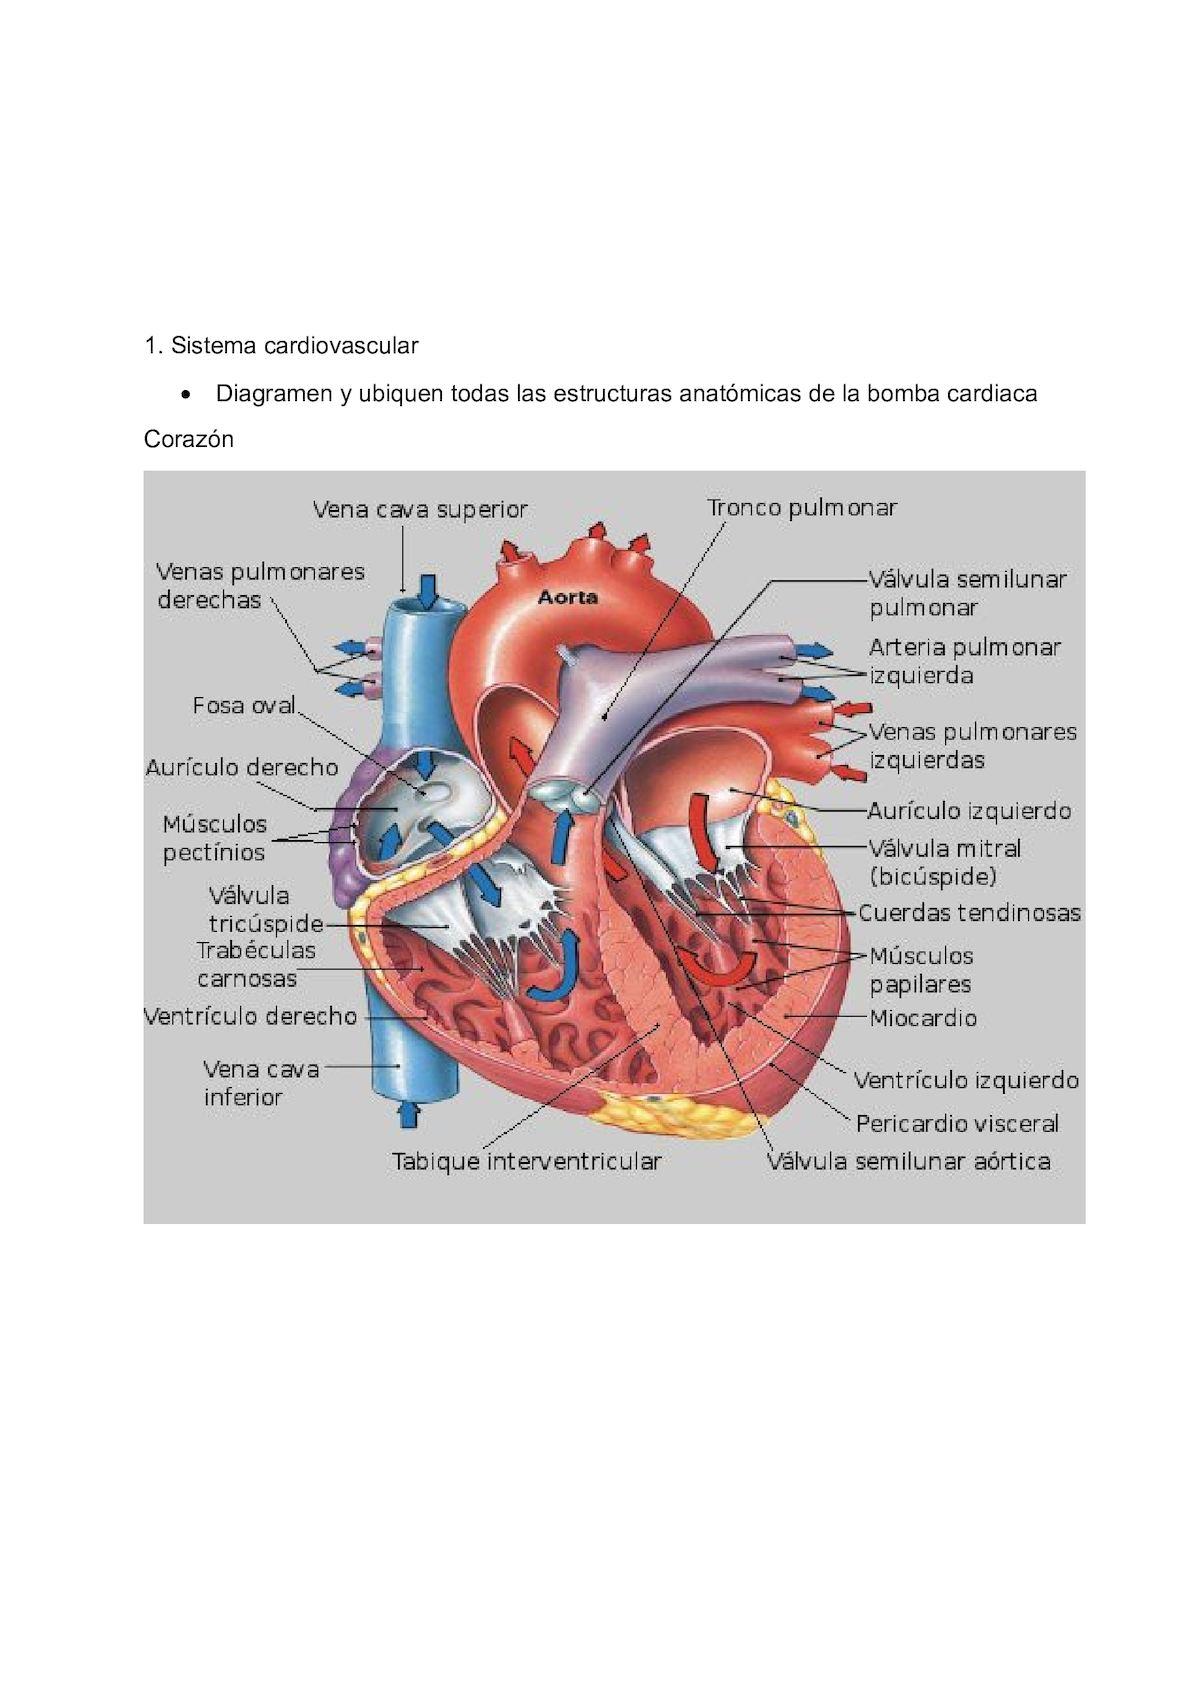 Lujo Las Vías Anatómicas Talleres Ornamento - Imágenes de Anatomía ...